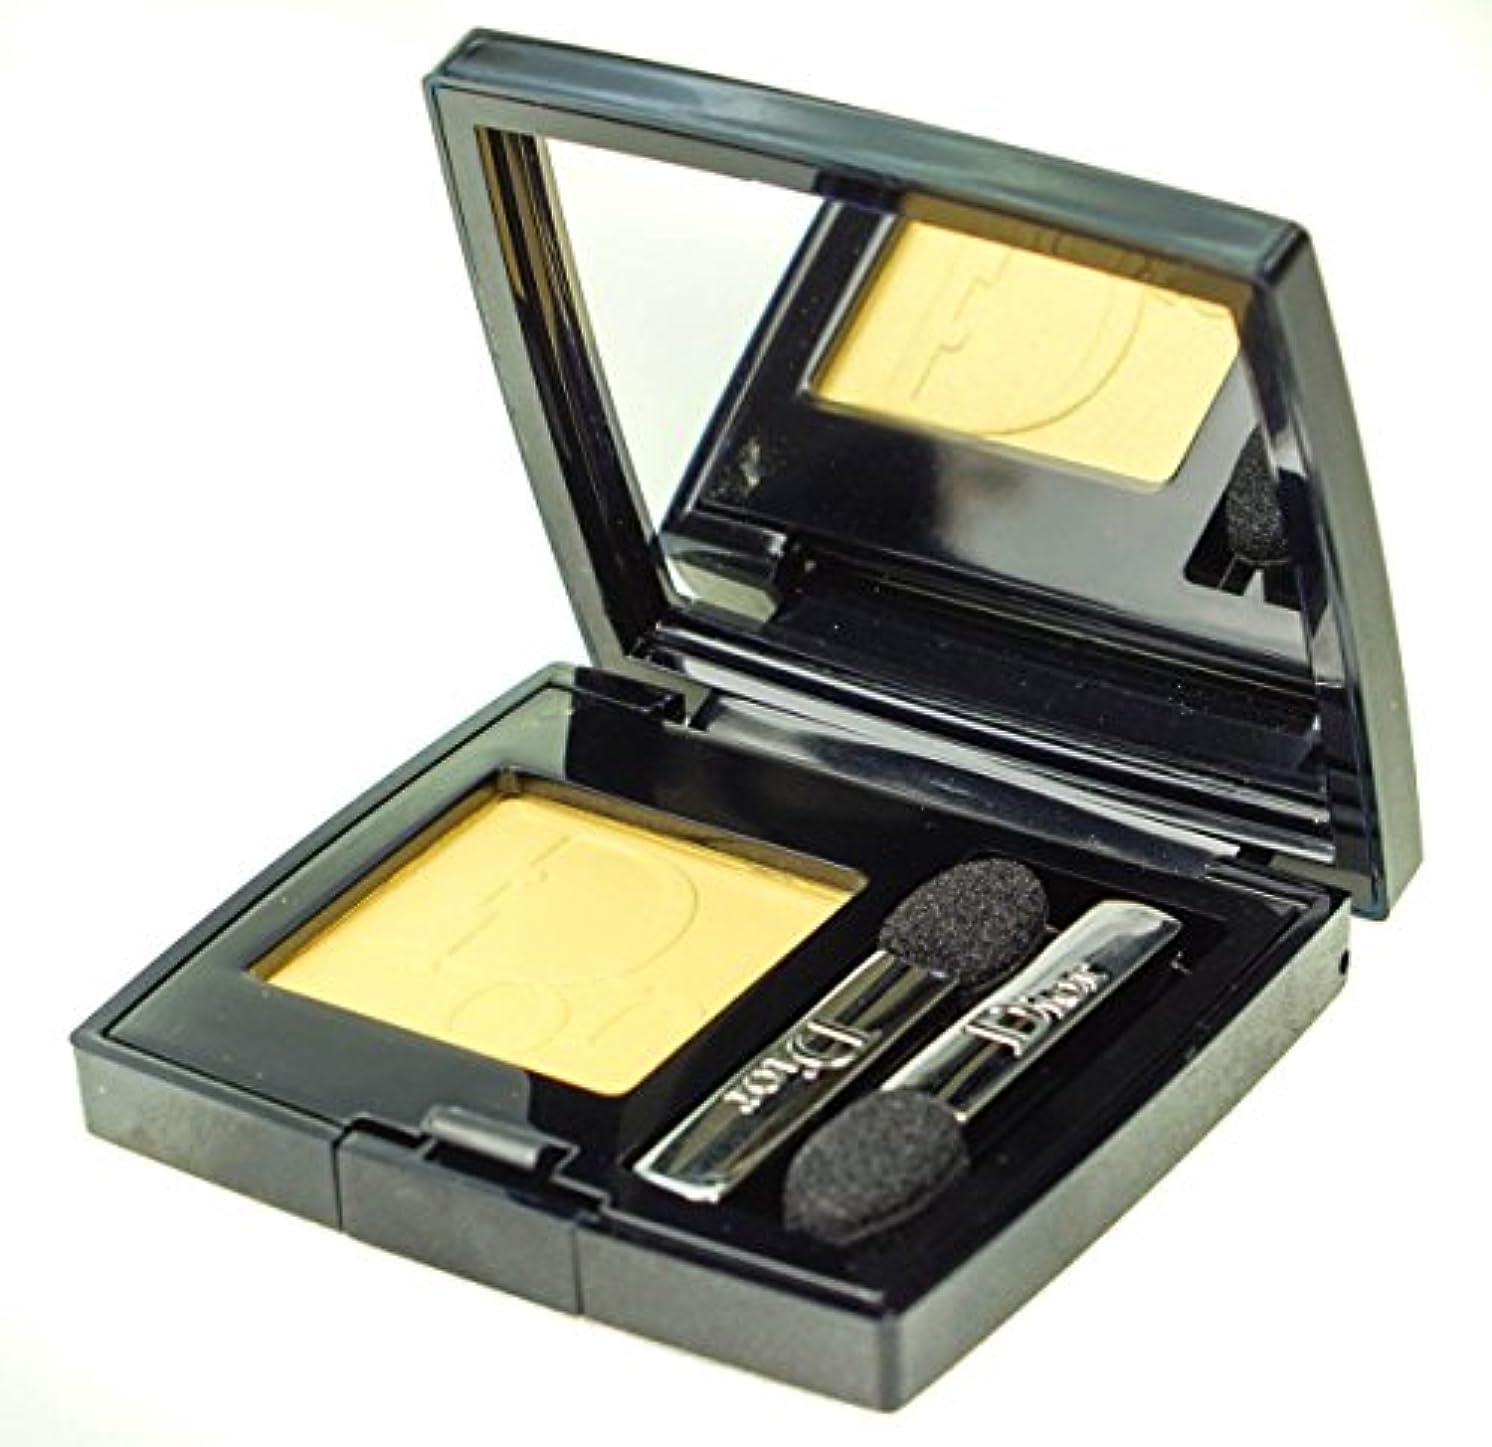 赤道巧みな耐久クリスチャンディオール Diorshow Mono Wet & Dry Backstage Eyeshadow - # 547 Yellow 2.2g/0.07oz